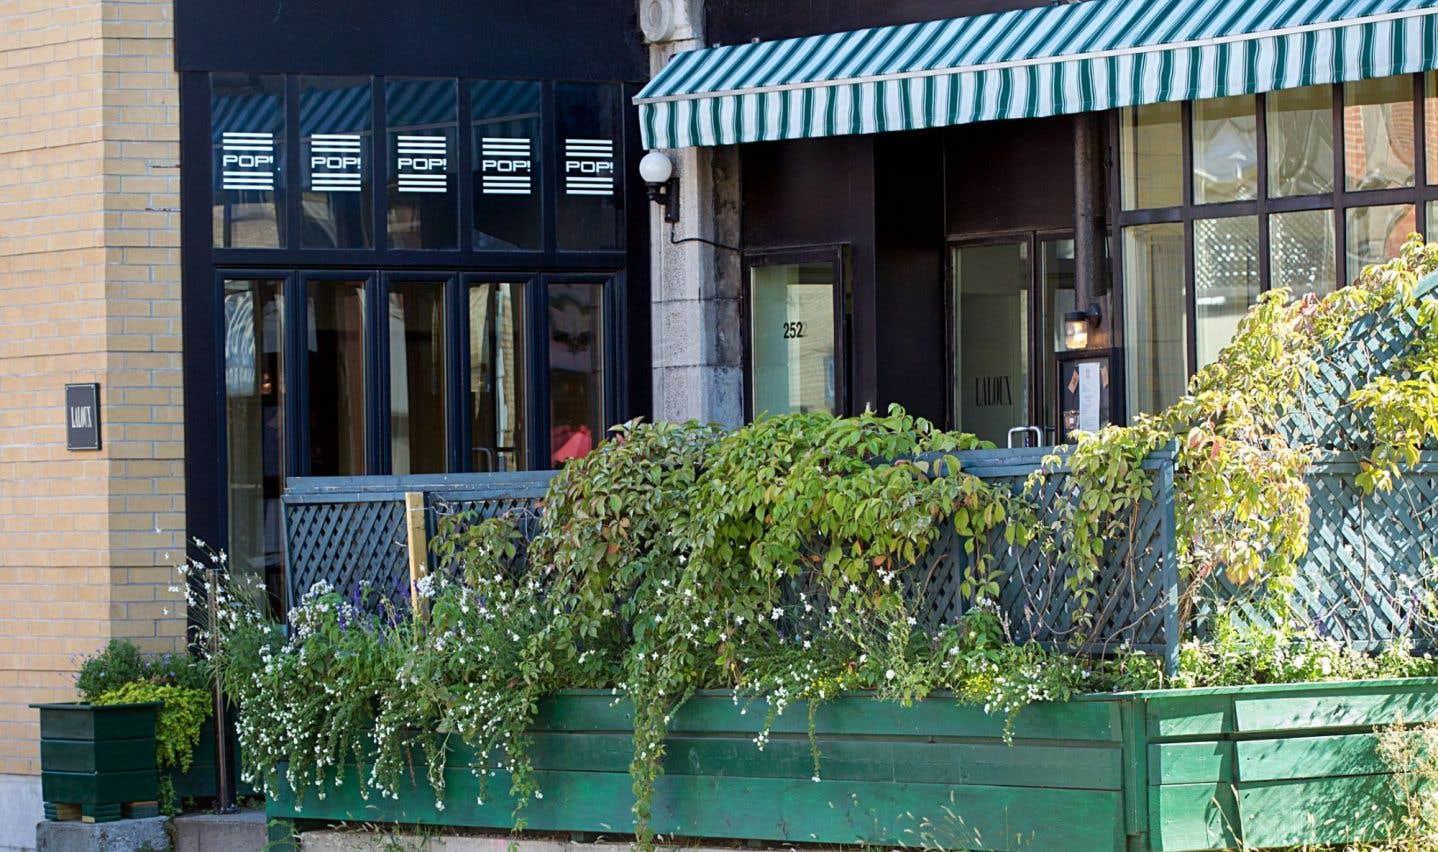 Laloux est une des maisons que l'auteur préfère à Montréal, cette salle créée par feu Luc Laporte qui possède quelque chose de magique et où sont passées quelques belles toques : « Devoir y subir à intervalles réguliers d'insupportables affronts culinaires est désolant. »